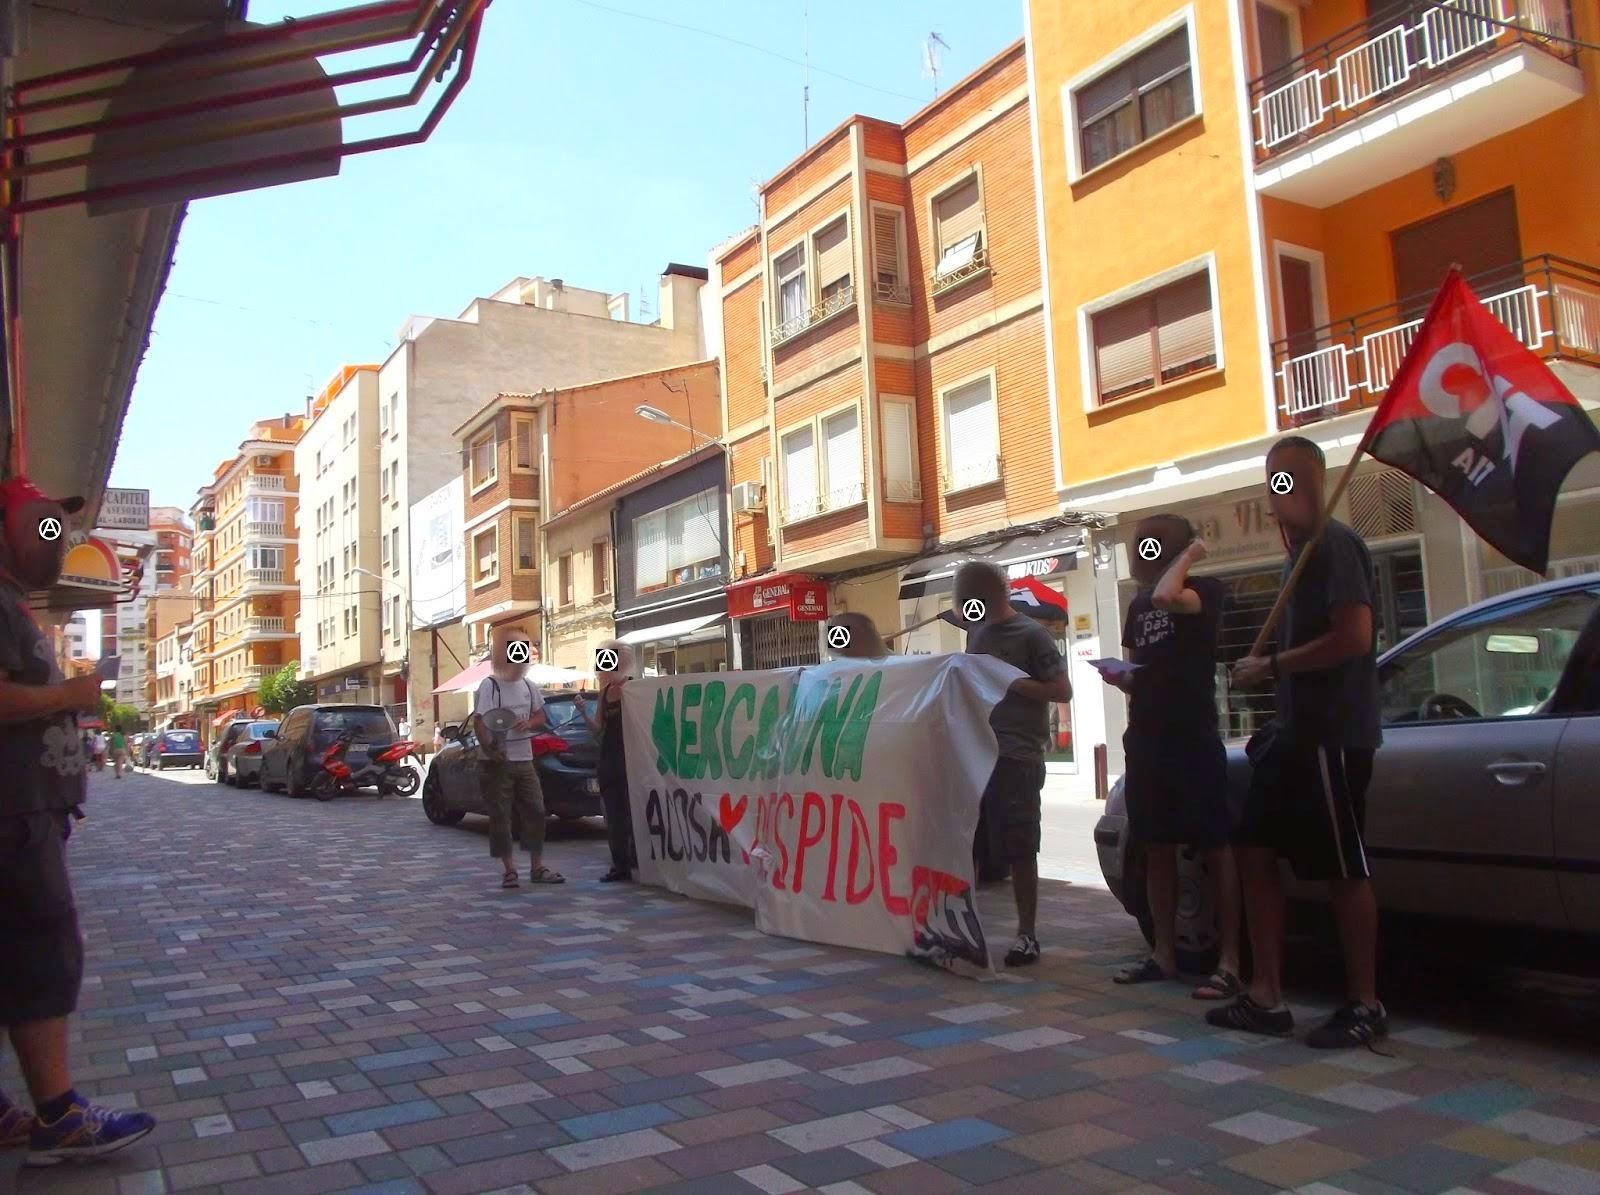 CNT-AIT, Albacete, concentración contra Mercadona en Almansa,Almansa como de Albacete,el supermercado Mercadona que da a la calle José Rodriguez Ruano en Almansa, trabajadores de Mercadona,el boicot a Mercadona,la CNT-AIT contra Mercadona,los anarquistas,frases anarquistas,los anarquistas,anarquista,anarquismo, frases de anarquistas,anarquia,la anarquista,el anarquista,a anarquista,anarquismo, anarquista que es,anarquistas,el anarquismo,socialismo,el anarquismo,o anarquismo,greek anarchists,anarchist, anarchists cookbook,cookbook, the anarchists,anarchist,the anarchists,sons anarchy,sons of anarchy, sons,anarchy online,son of anarchy,sailing,sailing anarchy,anarchy in uk,   anarchy uk,anarchy song,anarchy reigns,anarchist,anarchism definition,what is anarchism, goldman anarchism,cookbook,anarchists cook book, anarchism,the anarchist cookbook,anarchist a,definition anarchist, teenage anarchist,against me anarchist,baby anarchist,im anarchist, baby im anarchist, die anarchisten,frau des anarchisten,kochbuch anarchisten, les anarchistes,leo ferre,anarchiste,les anarchistes ferre,les anarchistes ferre, paroles les anarchistes,léo ferré,ferré anarchistes,ferré les anarchistes,léo ferré,  anarchia,anarchici italiani,gli anarchici,canti anarchici,comunisti, comunisti anarchici,anarchici torino,canti anarchici,gli anarchici,communism socialism,communism,definition socialism, what is socialism,socialist,socialism and communism,CNT,CNT, Confederación Nacional del Trabajo, AIT, La Asociación Internacional de los Trabajadores, IWA,International Workers Association,FAU,Freie Arbeiterinnen und Arbeiter-Union,FORA,F.O.R.A,Federación Obrera Regional Argentina,COB,Confederação Operária Brasileira ,Priama Akcia,CNT,Confédération Nationale du Travail,USI,Unione Sindacale Italiana,  NSF iAA,Norsk Syndikalistisk Forbund,ZSP,Zwiazek Syndykalistów Polski,AIT-SP,AIT Secção Portuguesa,solfed,Solidarity,inicijativa,Sindikalna konfederacija Anarho-sindikalisticka inicijativa, ASF,Anarcho-Synd